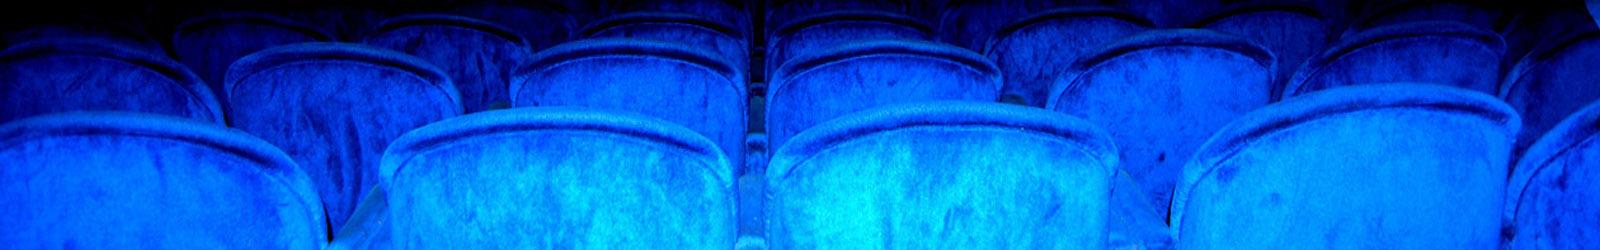 Butacas del teatro vacías